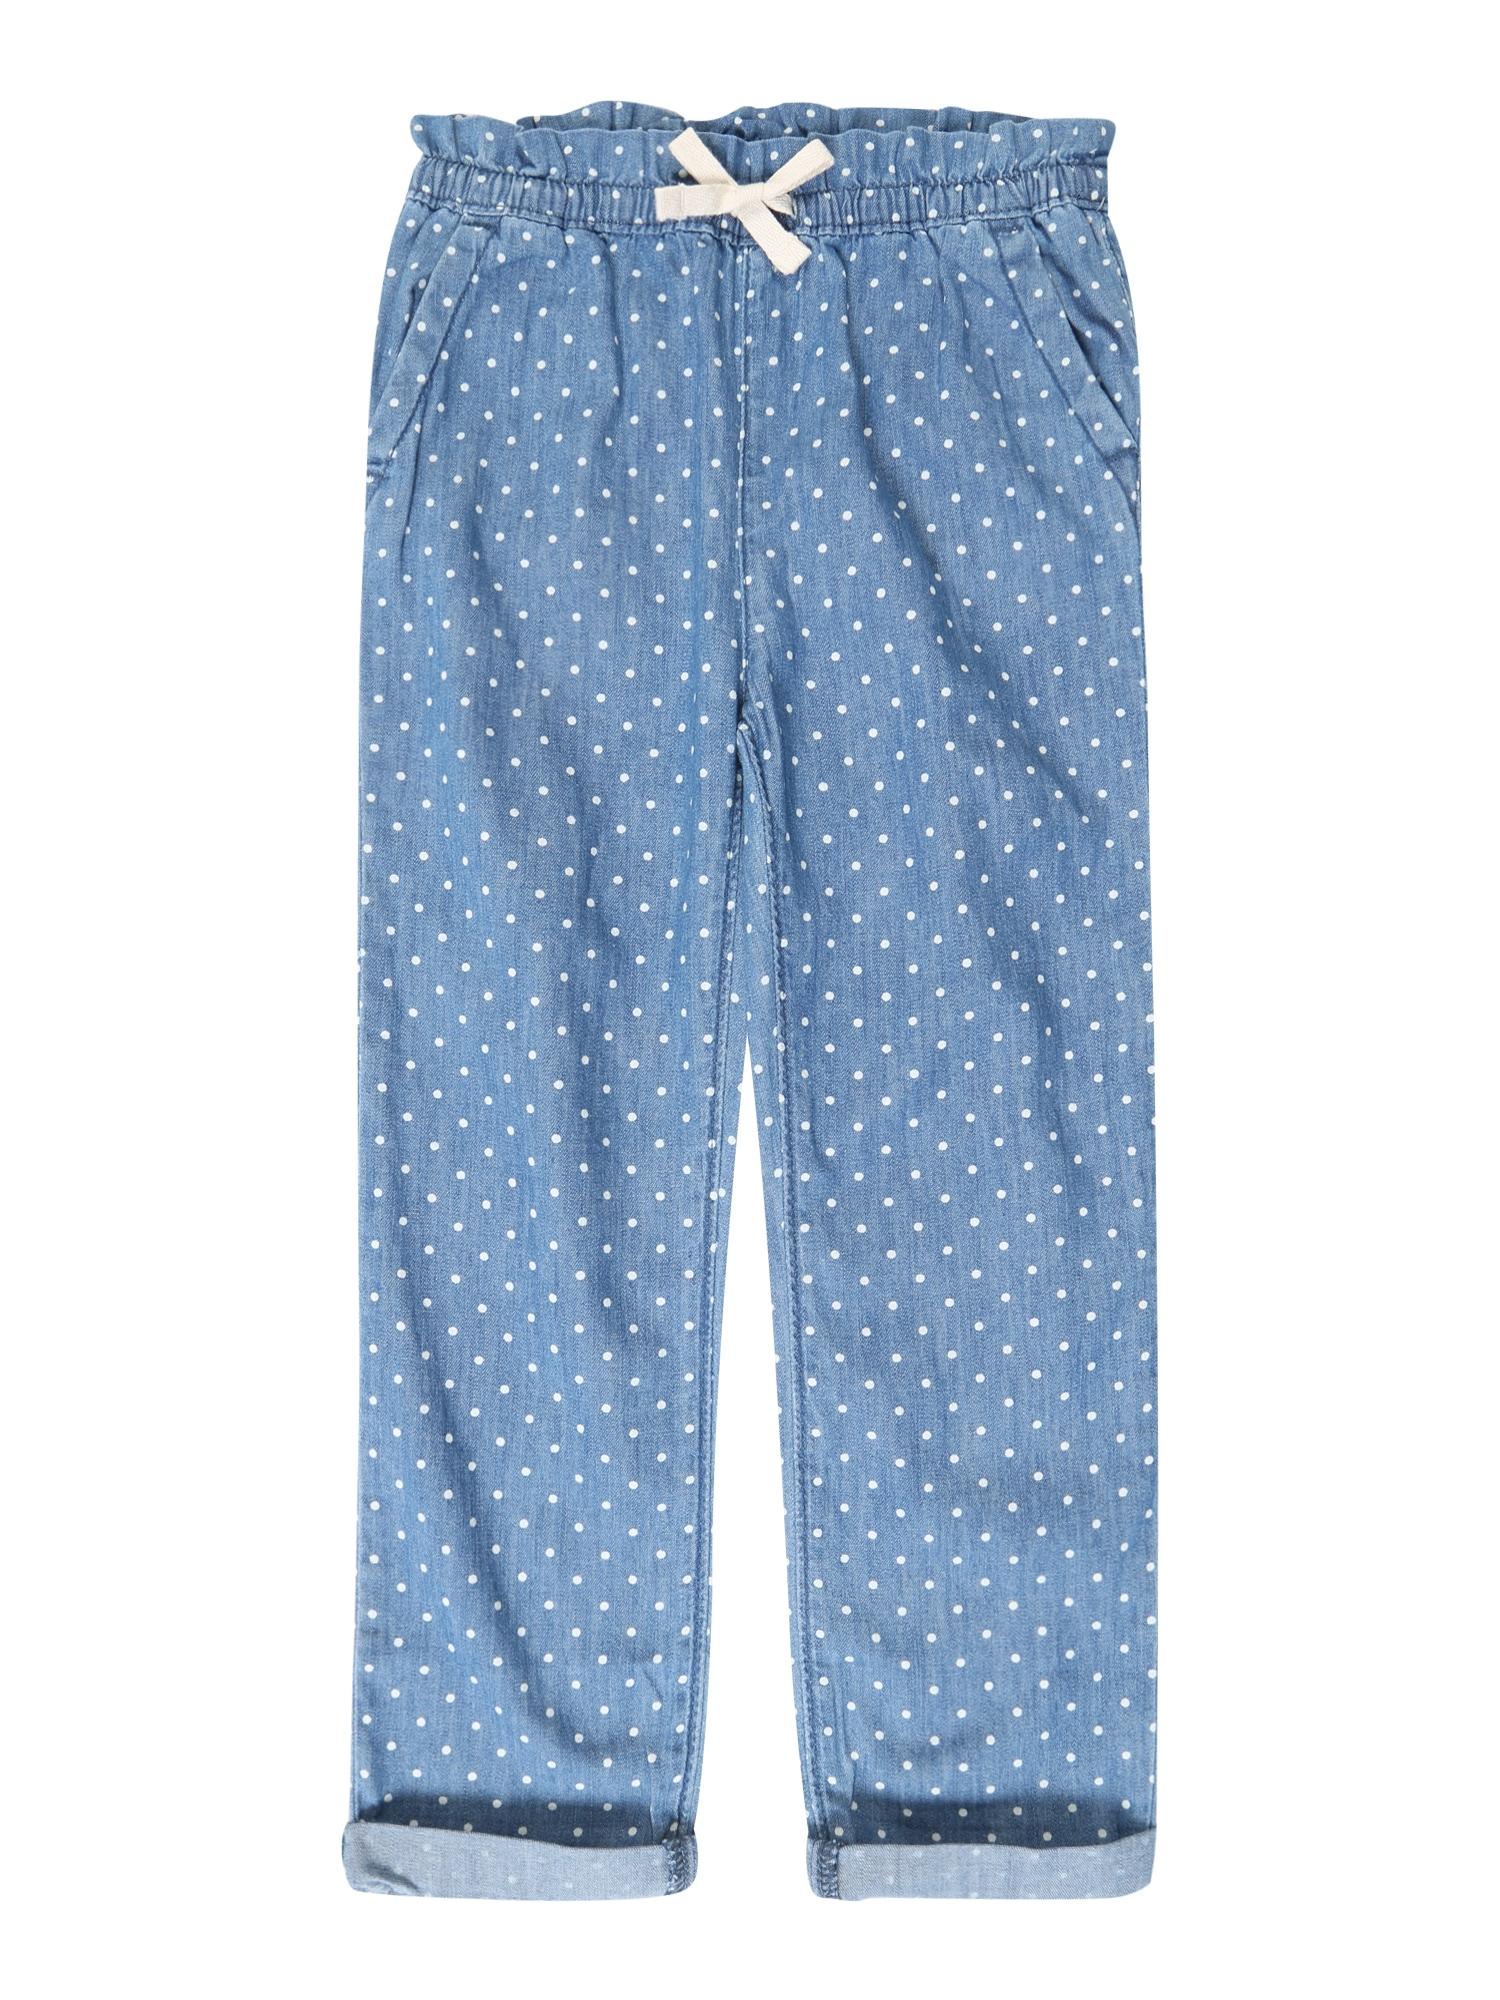 Džíny V-GO DOT EASY PANT modrá džínovina GAP